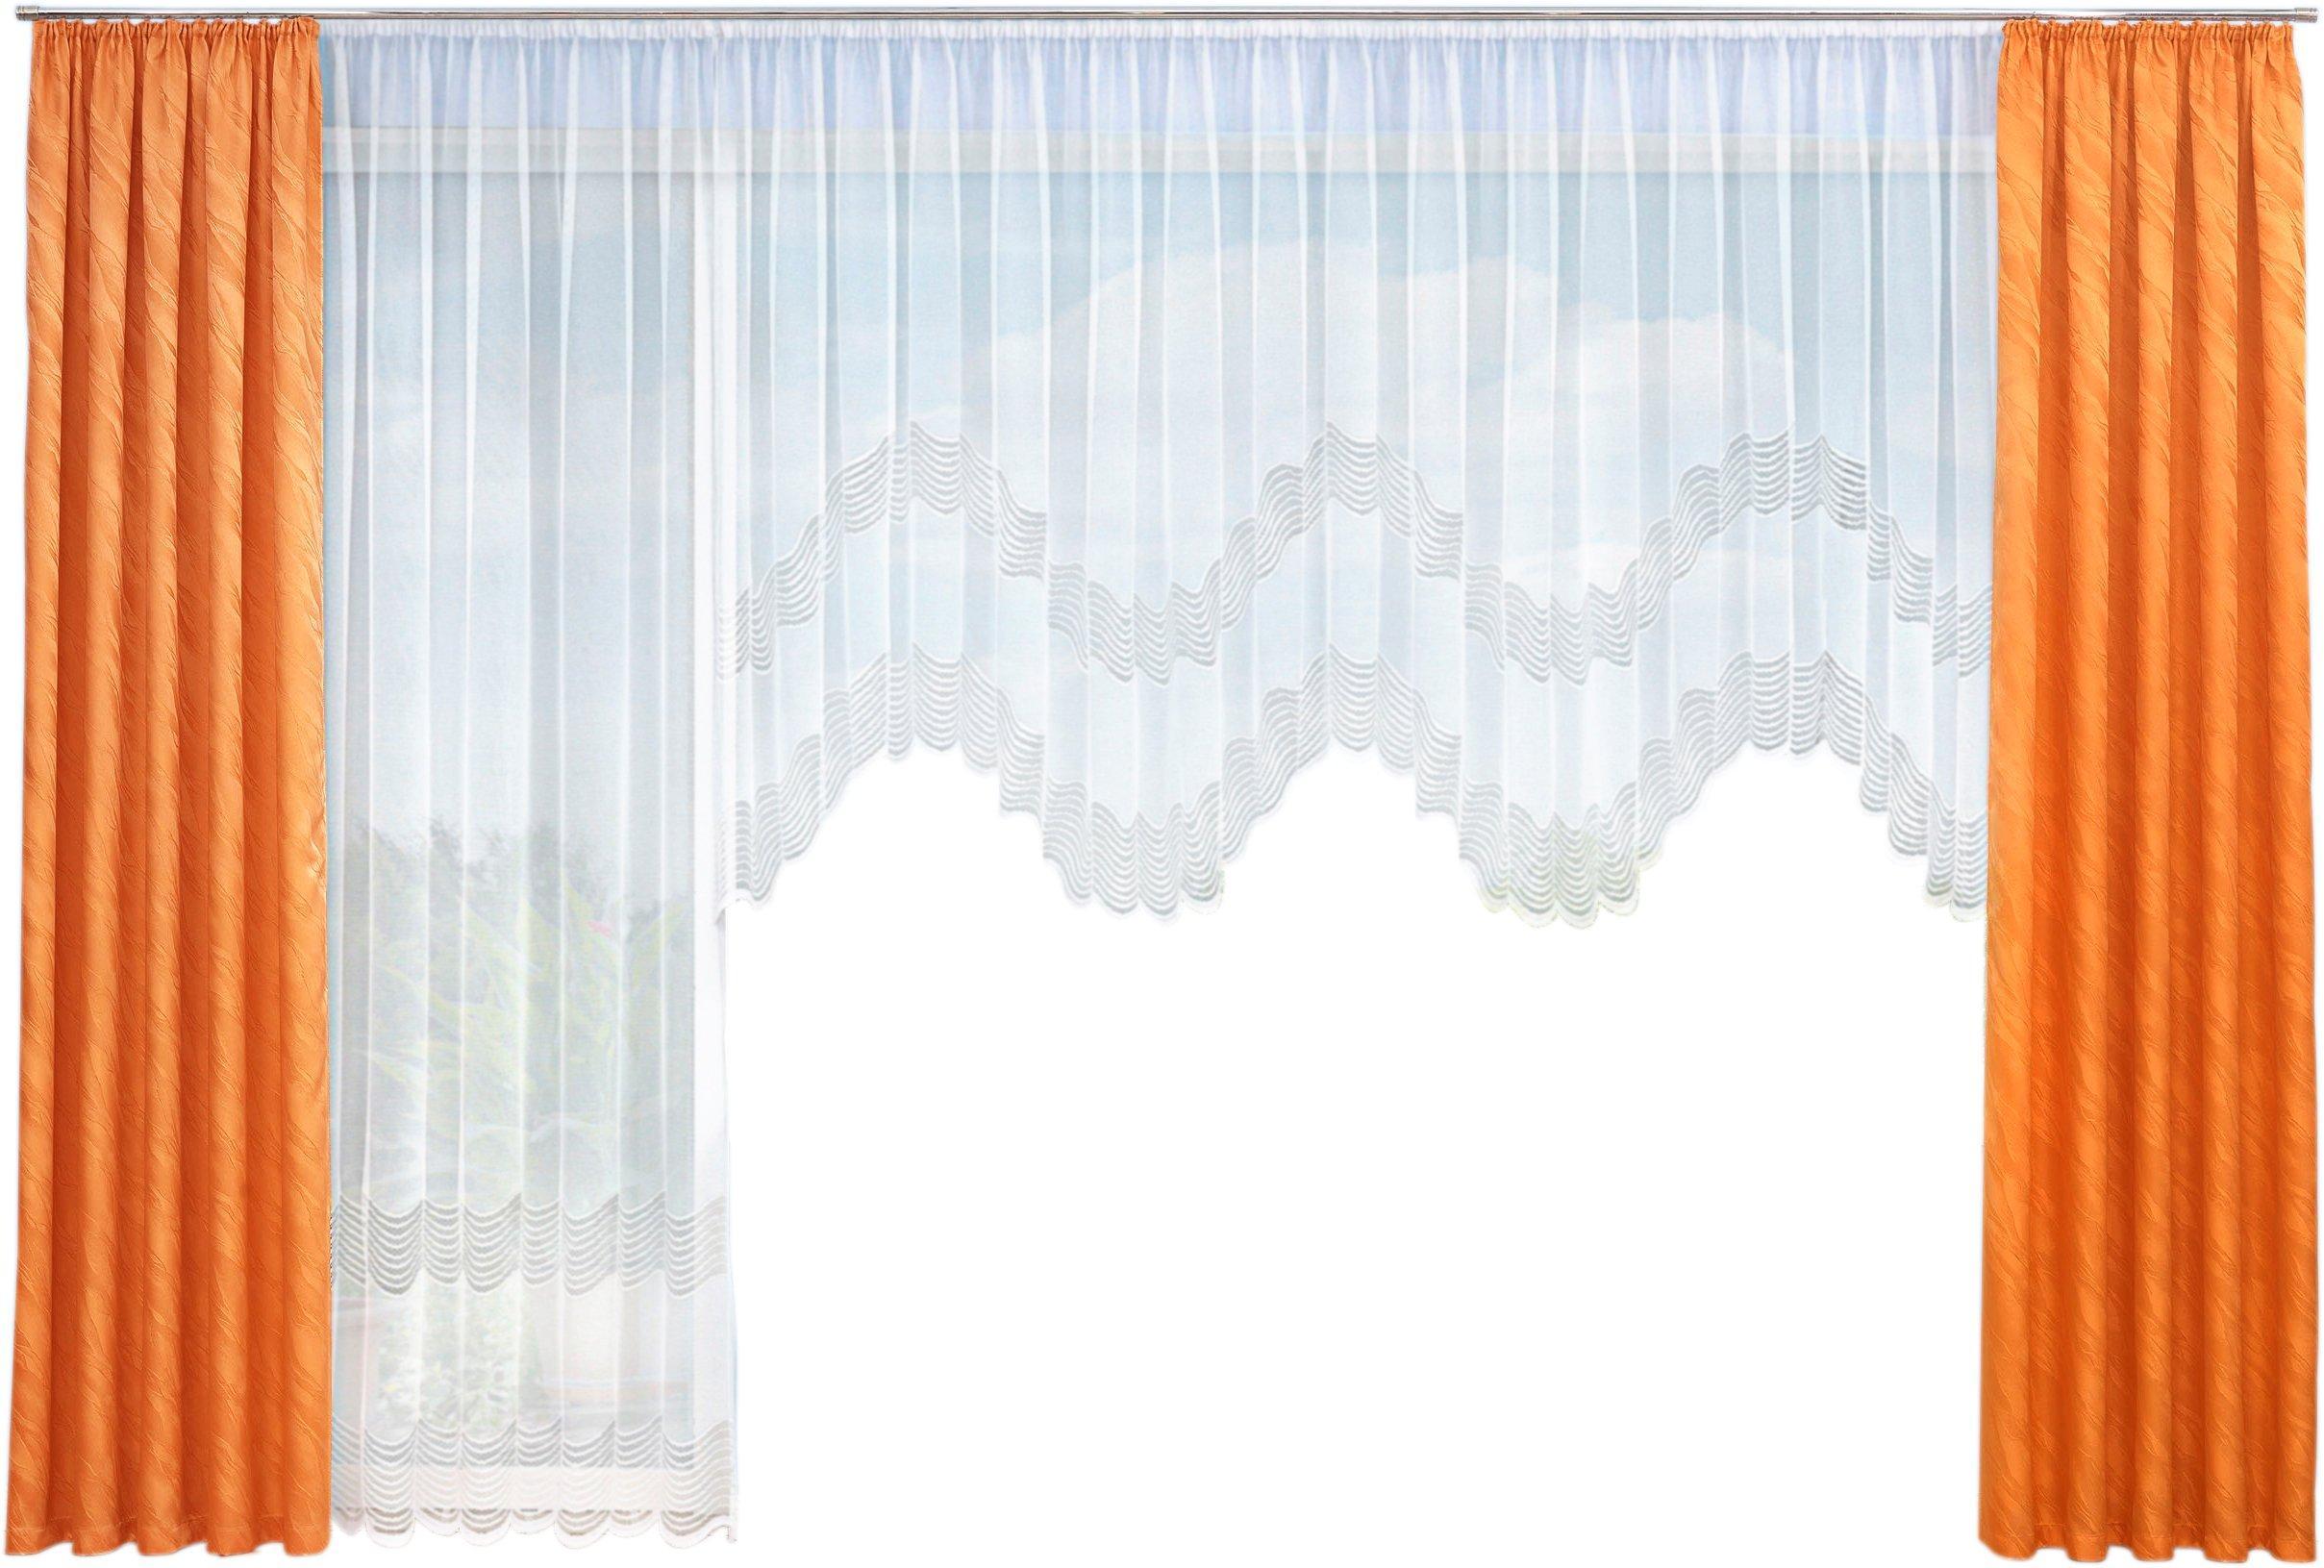 Full Size of Bogen Gardinen Scheibengardinen Küche Für Schlafzimmer Wohnzimmer Fenster Bogenlampe Esstisch Die Wohnzimmer Bogen Gardinen